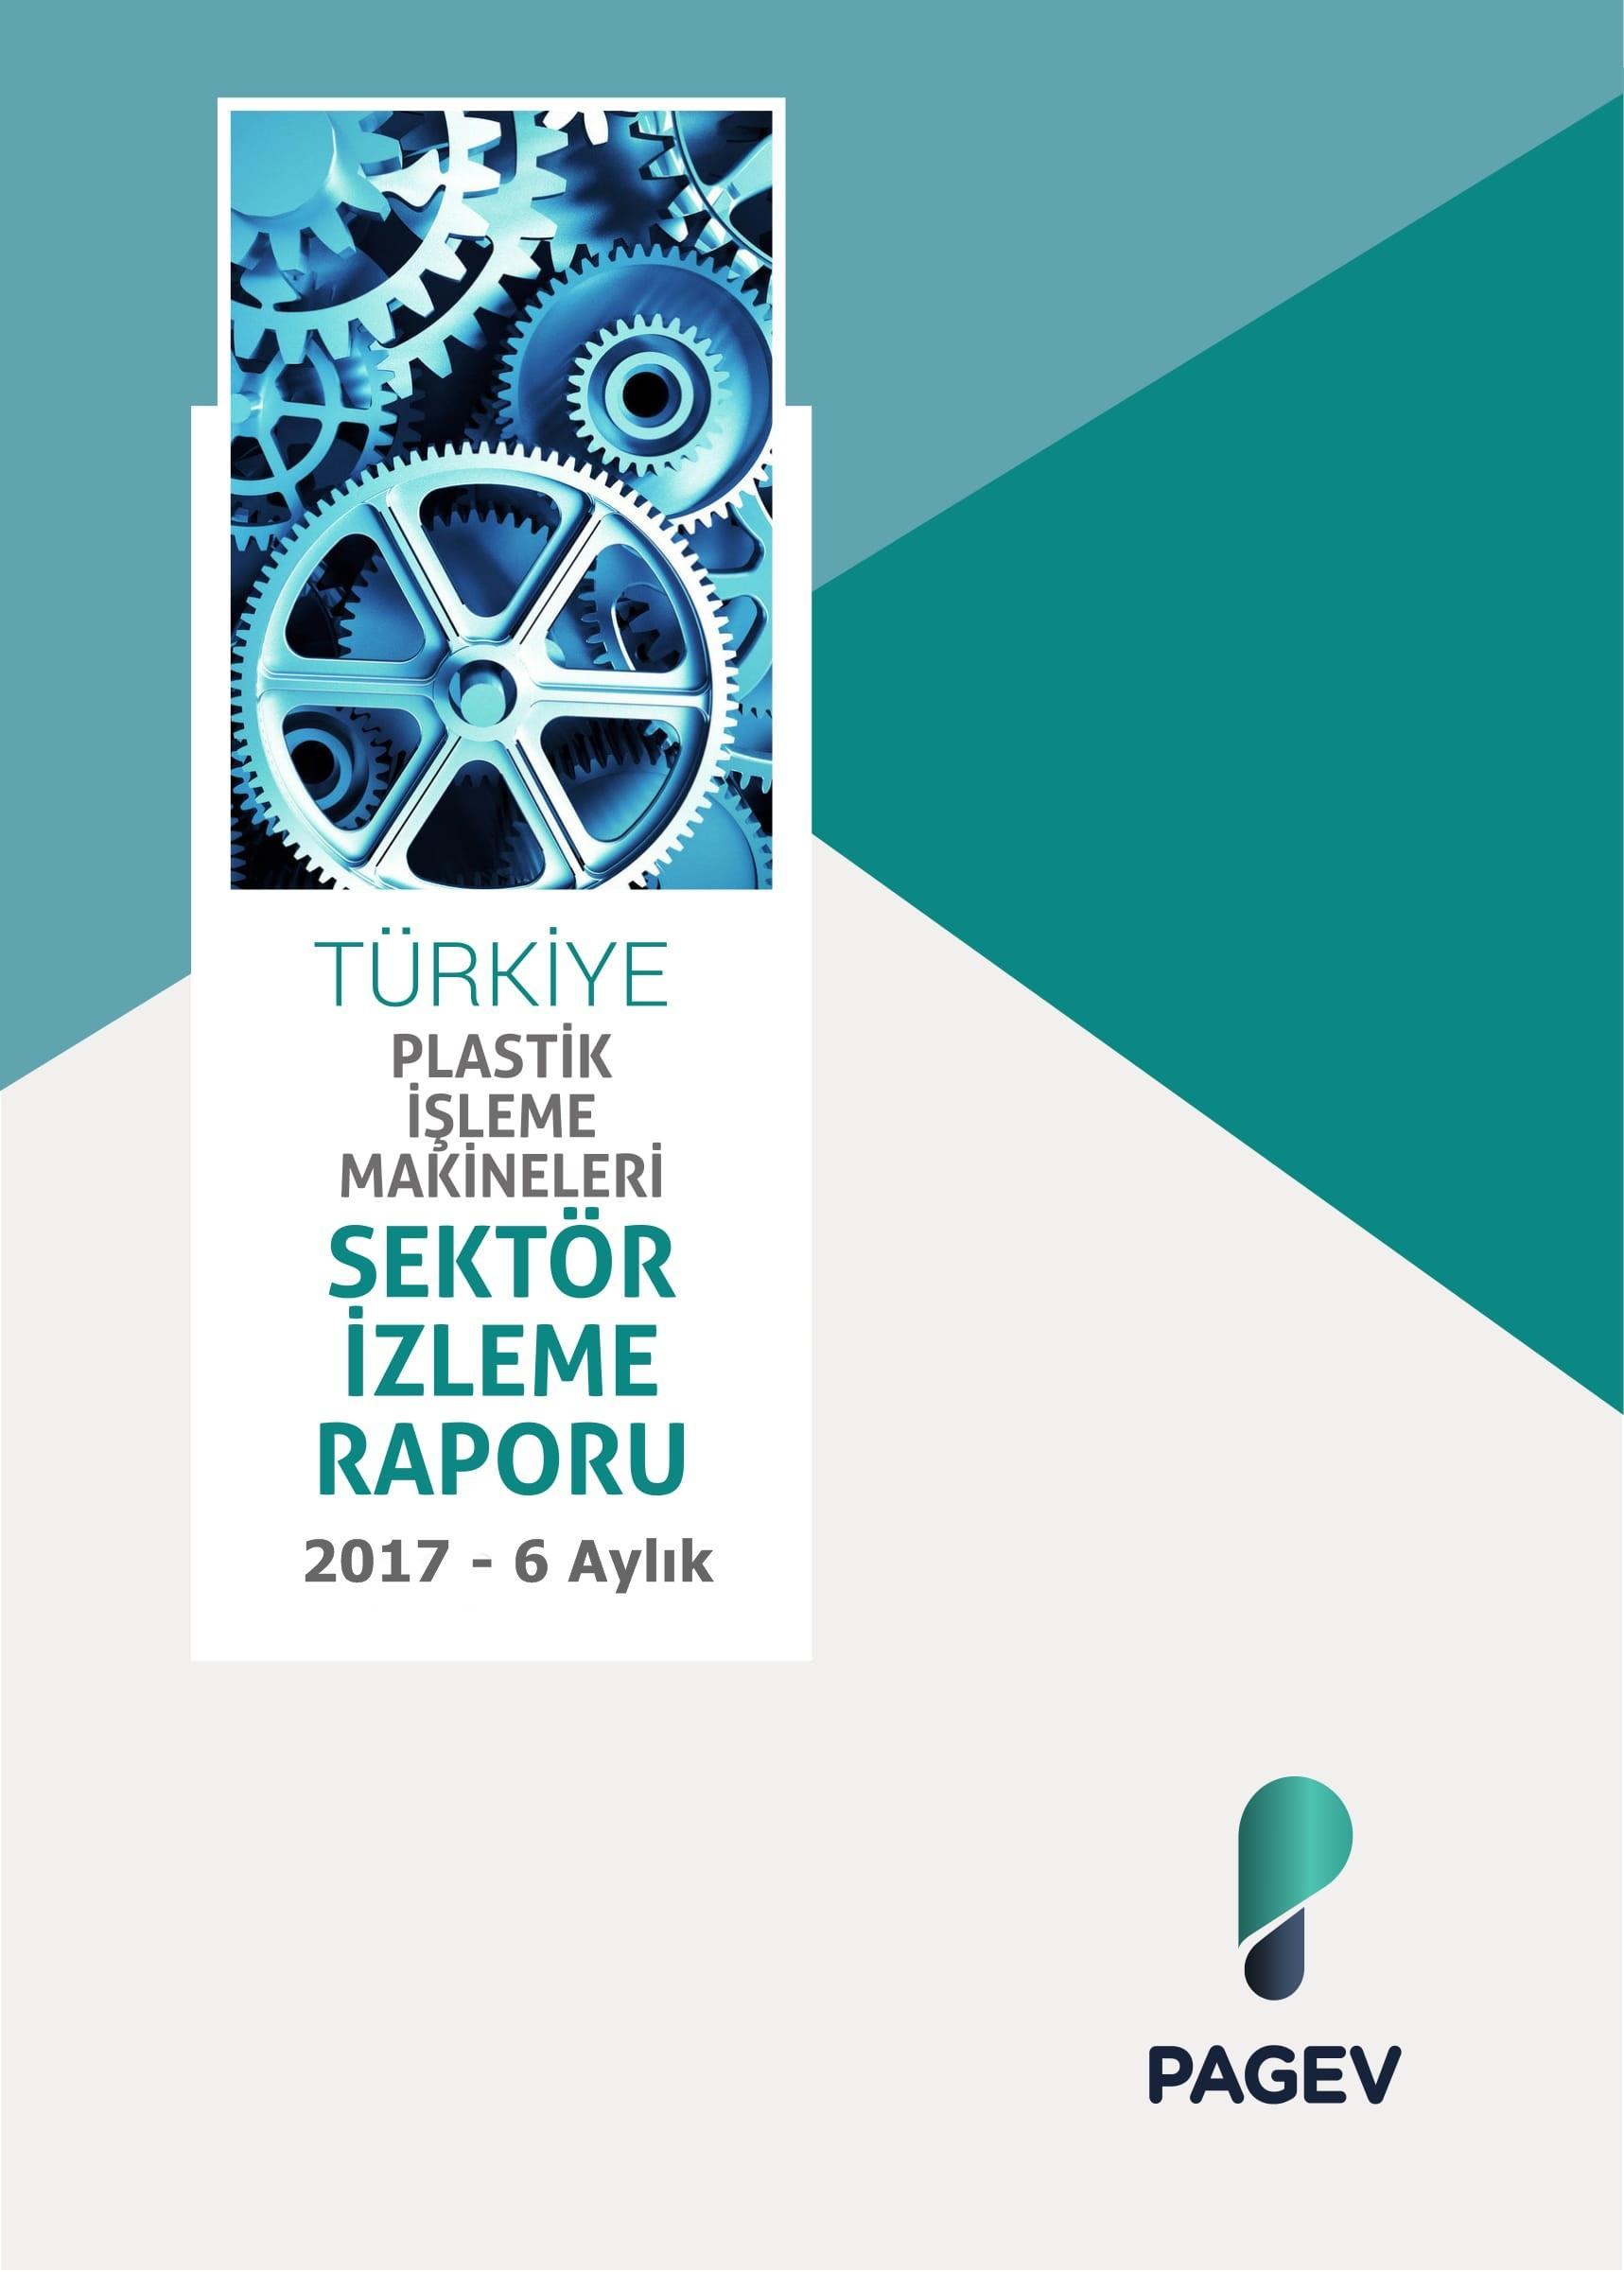 Türkiye Plastik İşleme Makinaları Sektör İzleme Raporu - 2017/6 Aylık